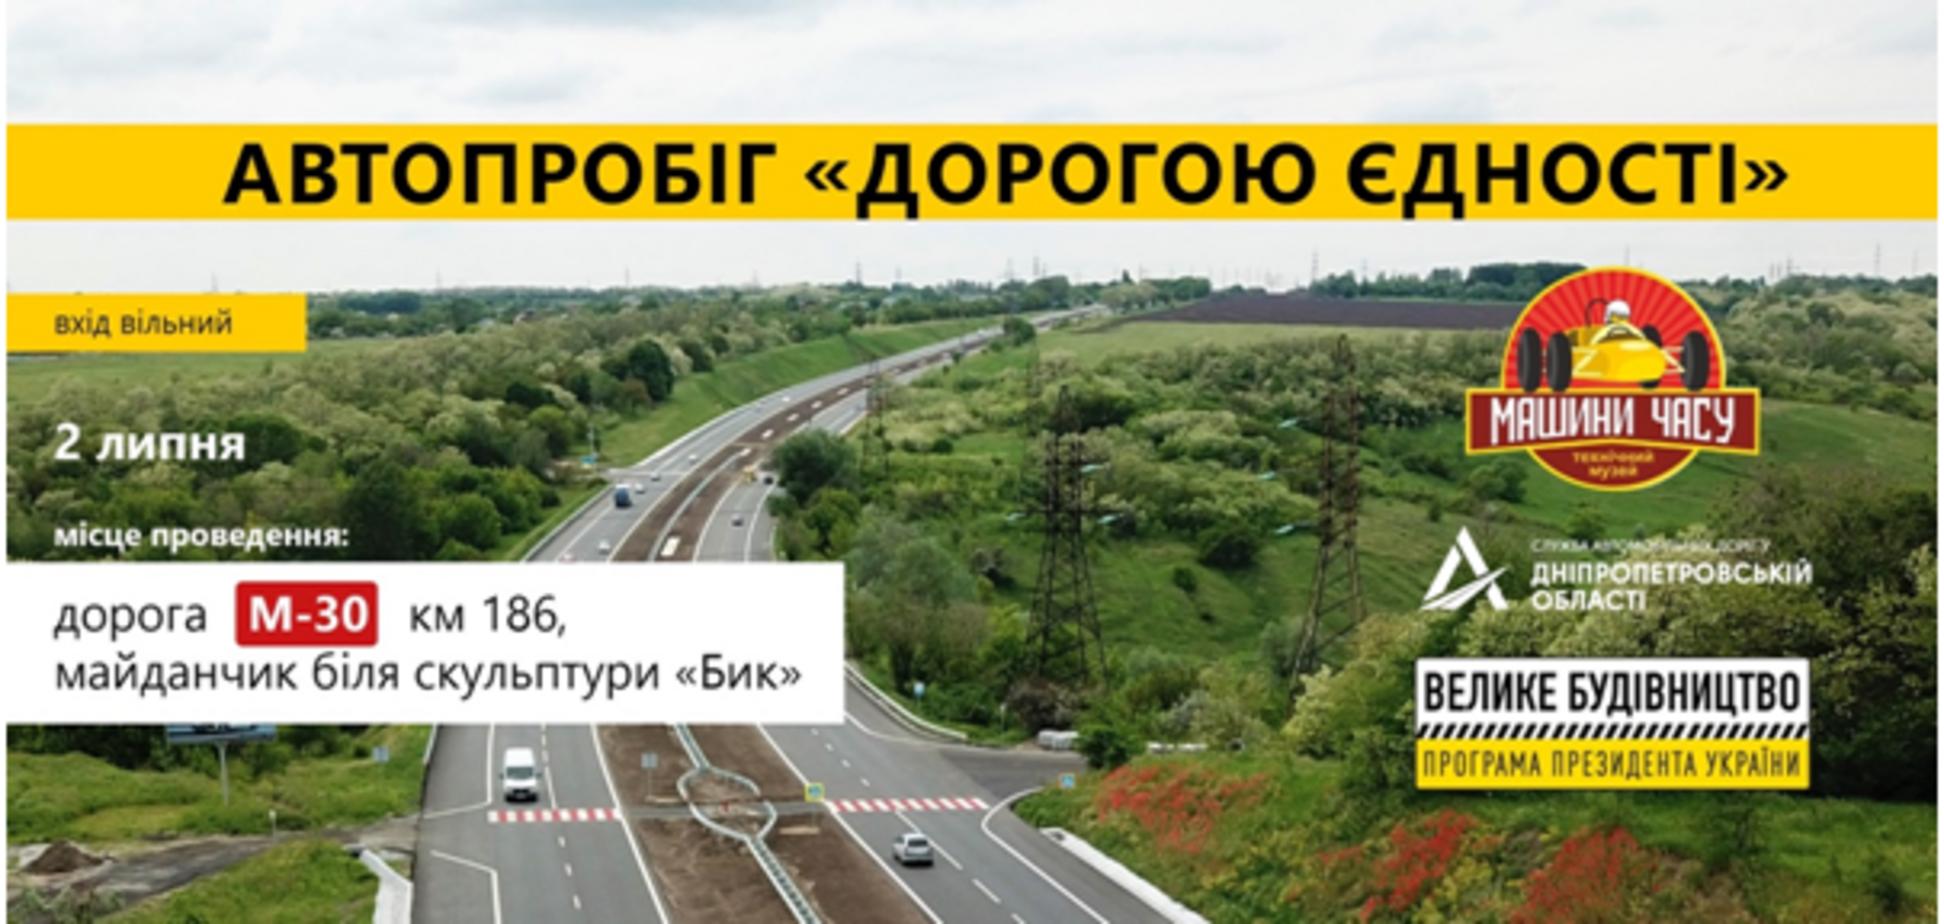 'Велике Будівництво': на Дніпропетровщині пройде виставка-пробіг ретро-автомобілів Дорогою Єдності